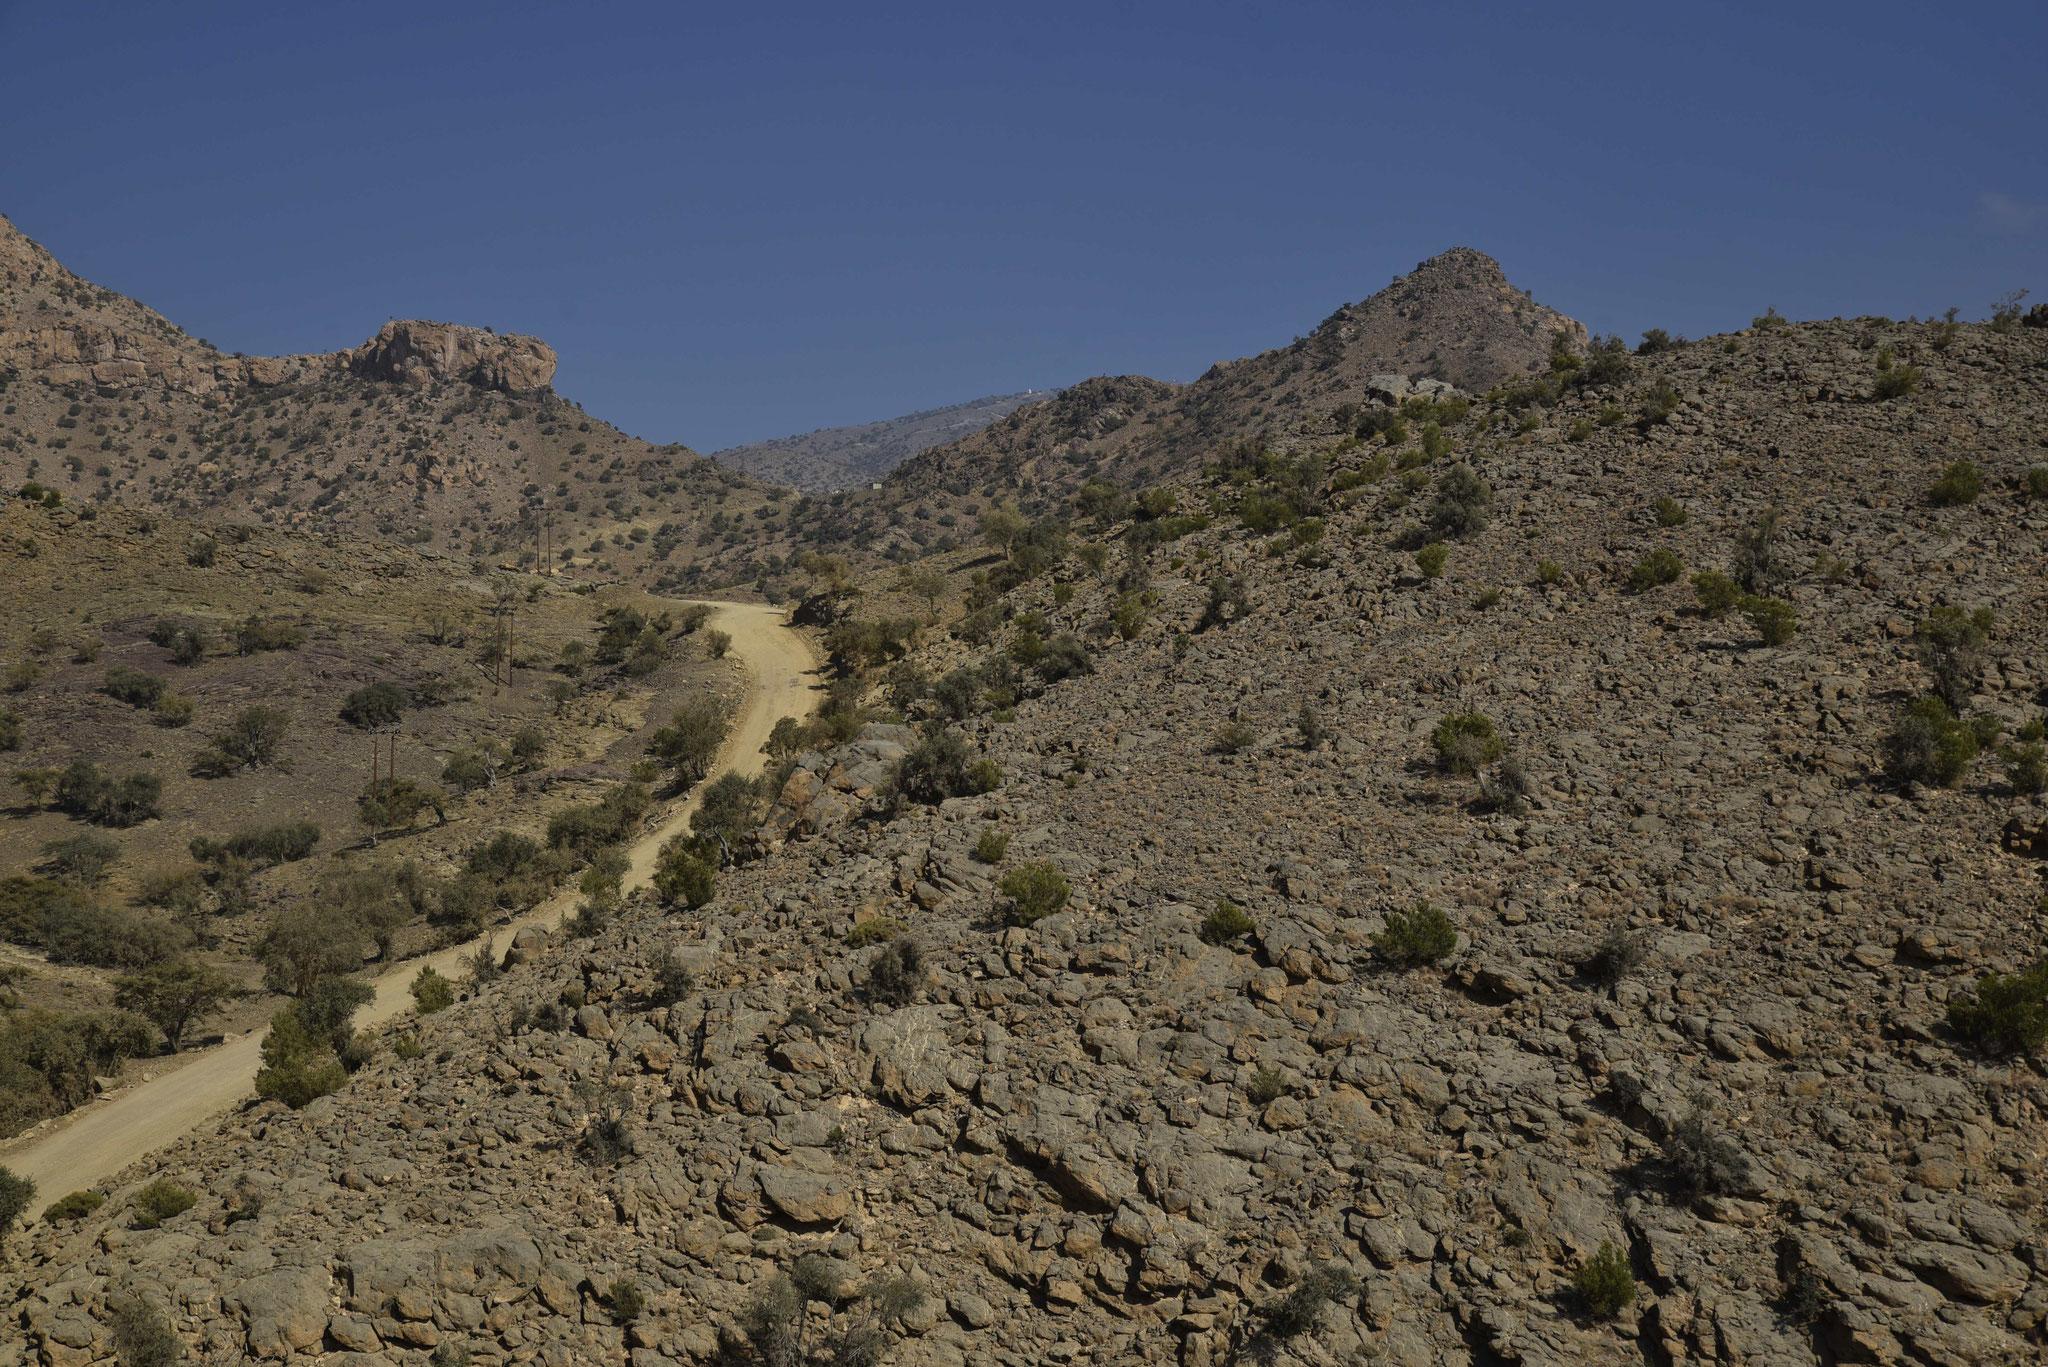 Typischer Streckenverlauf in der Gegend um den Jebel Shams